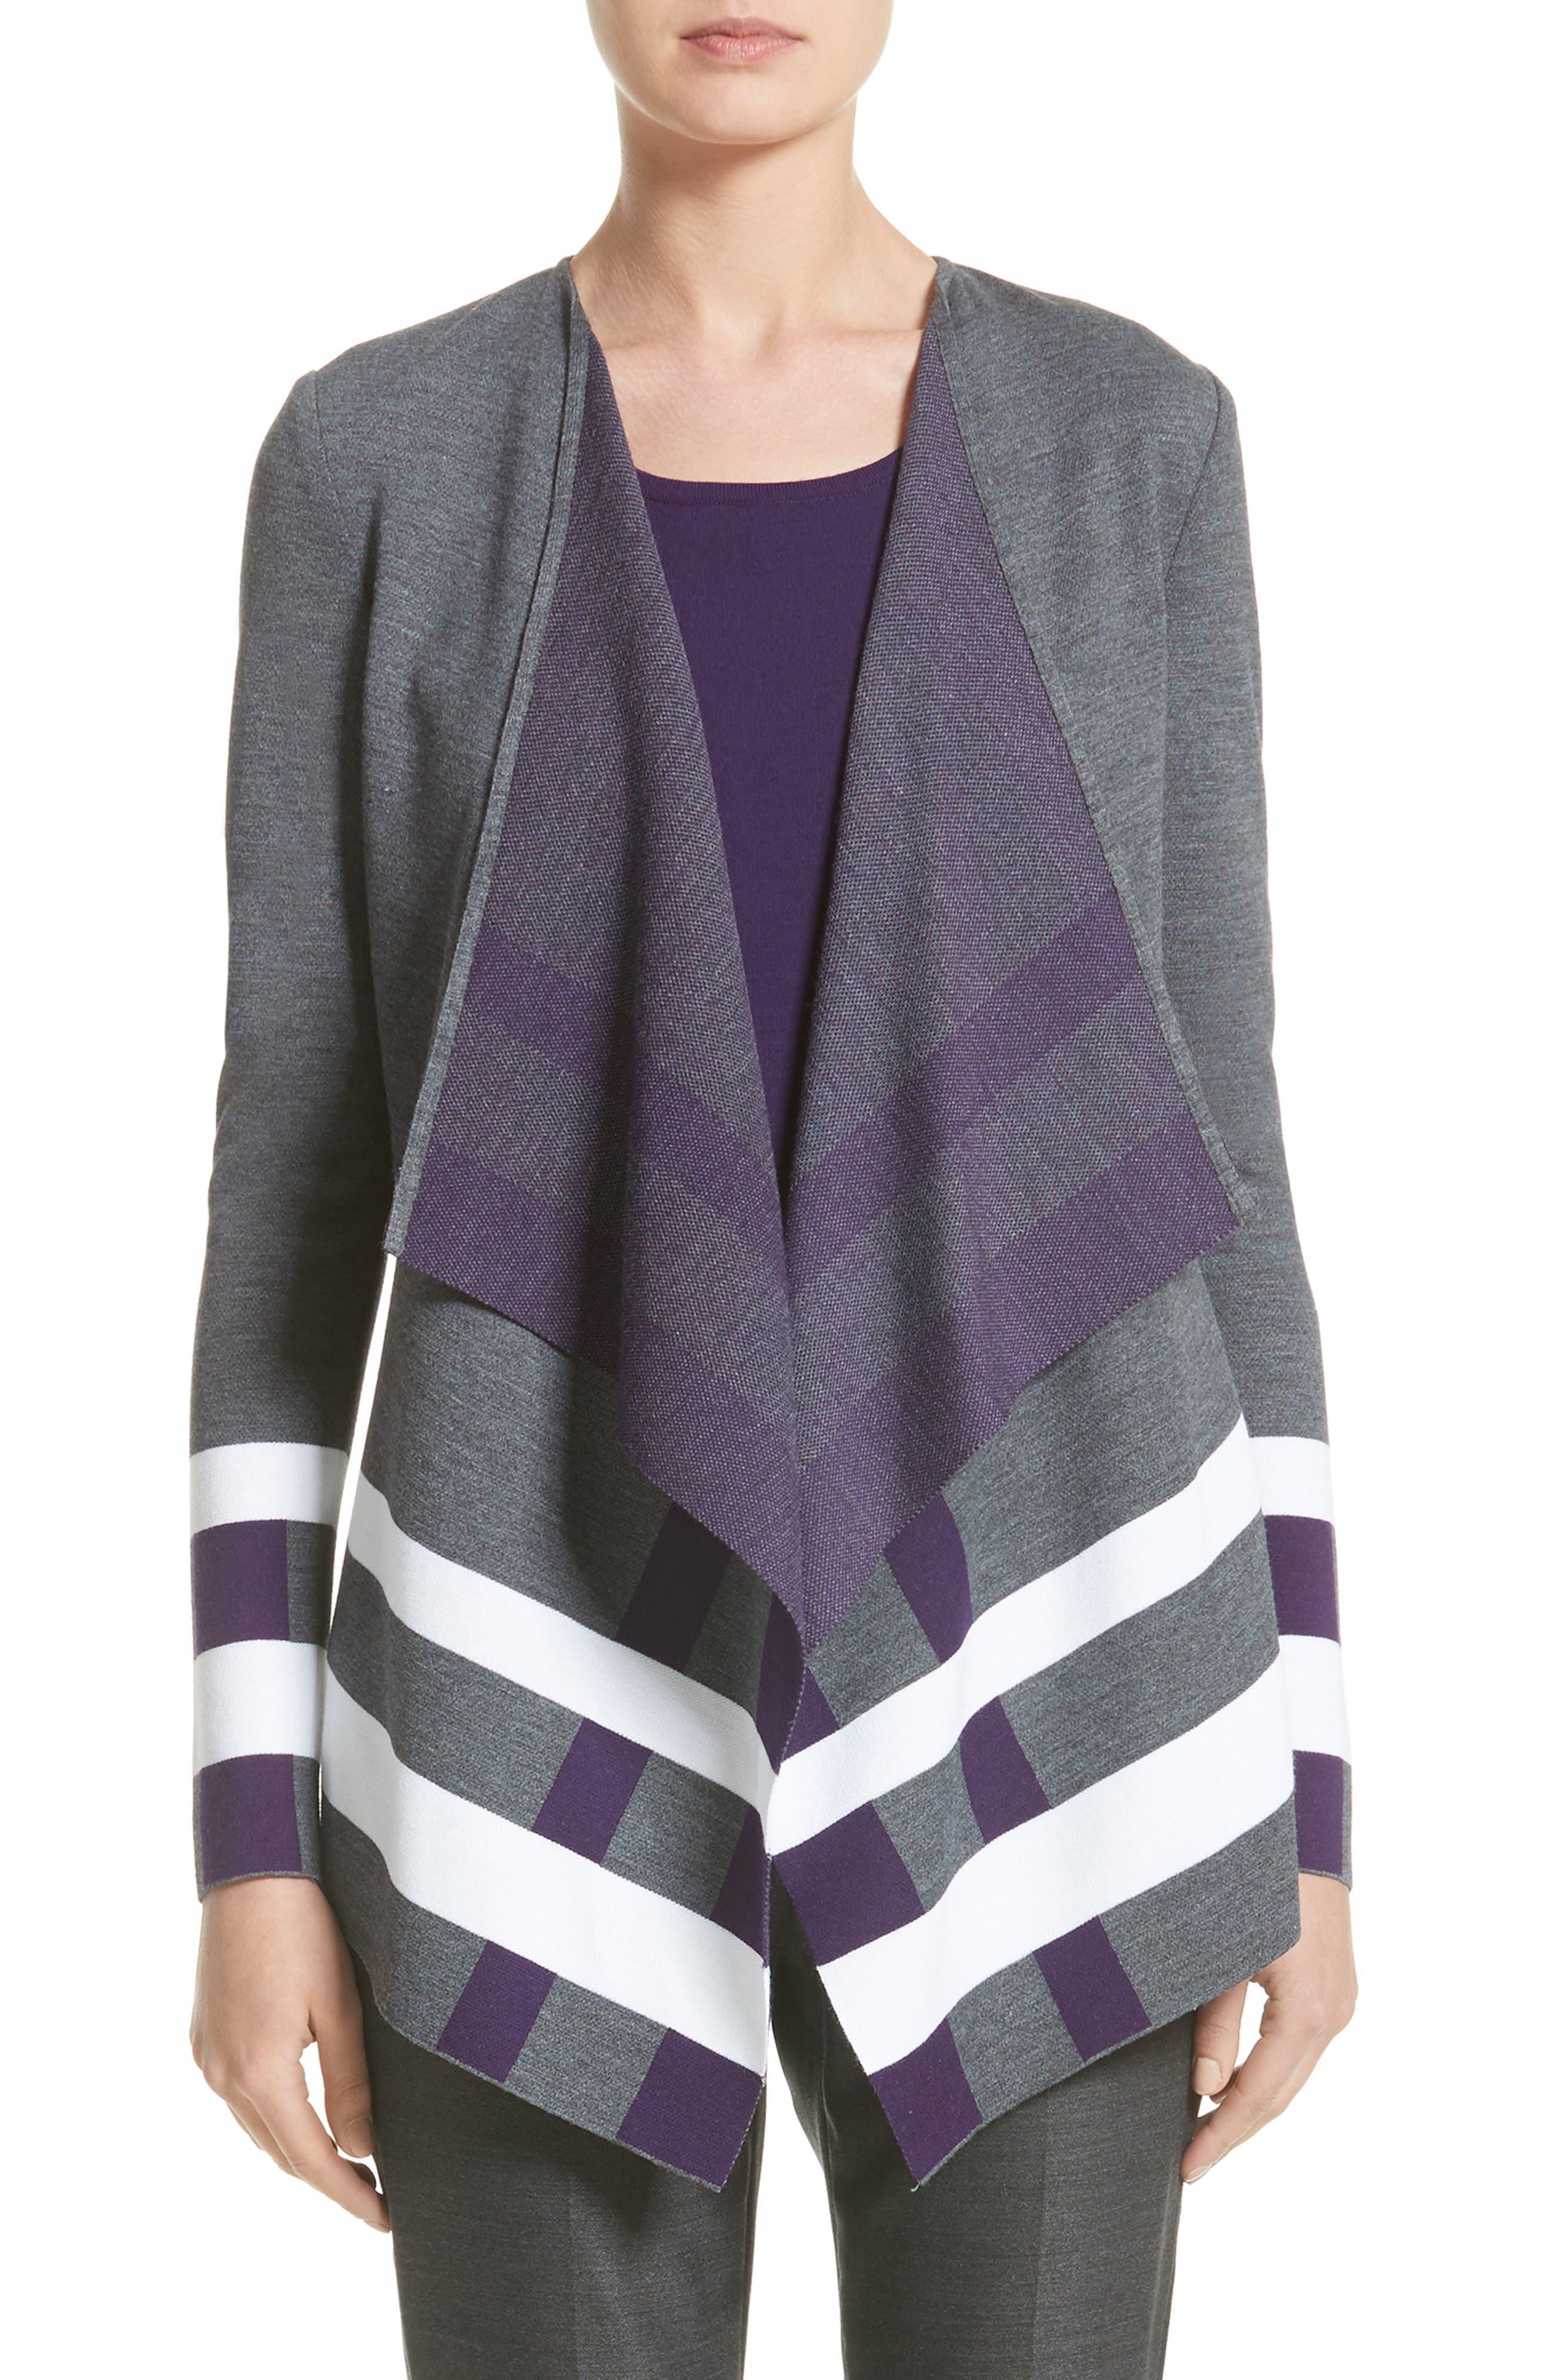 Milano Knit Jacquard Drape Front Jacket,                         Main,                         color, Flint Multi